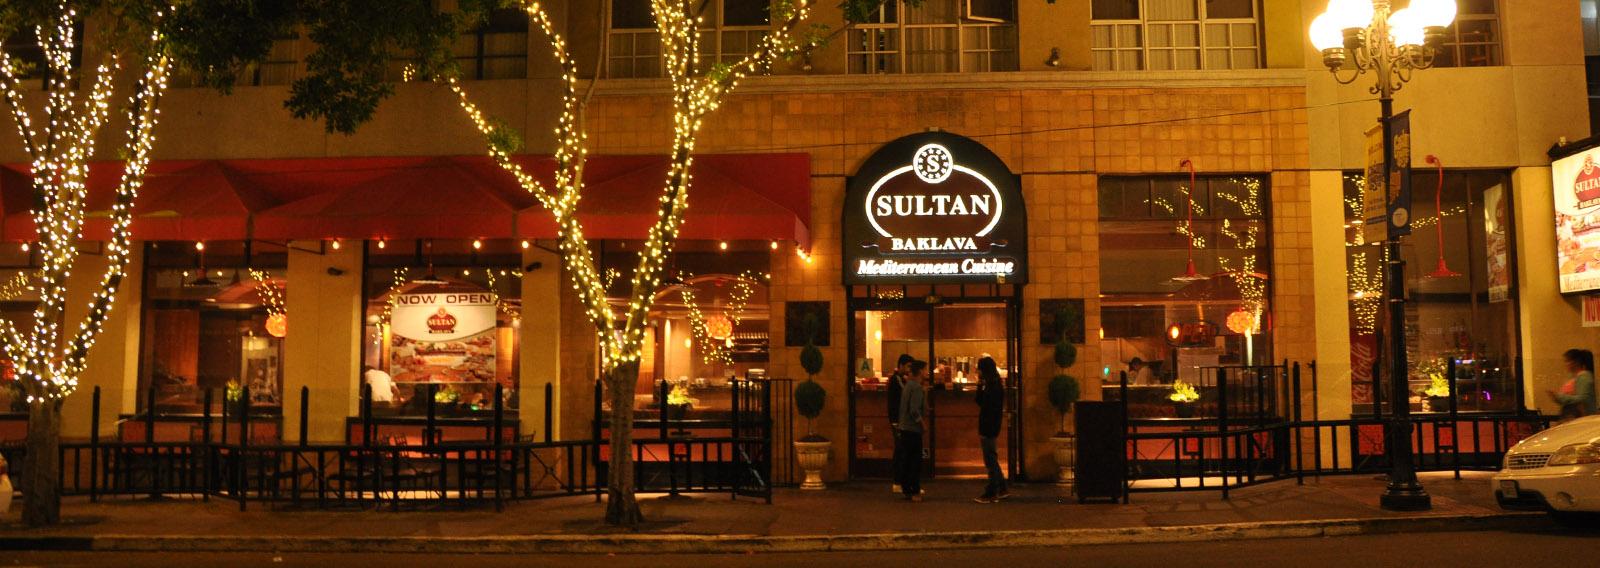 Sultan Baklava Mediterranean Cuisine A San Diego Turkish Restaurant